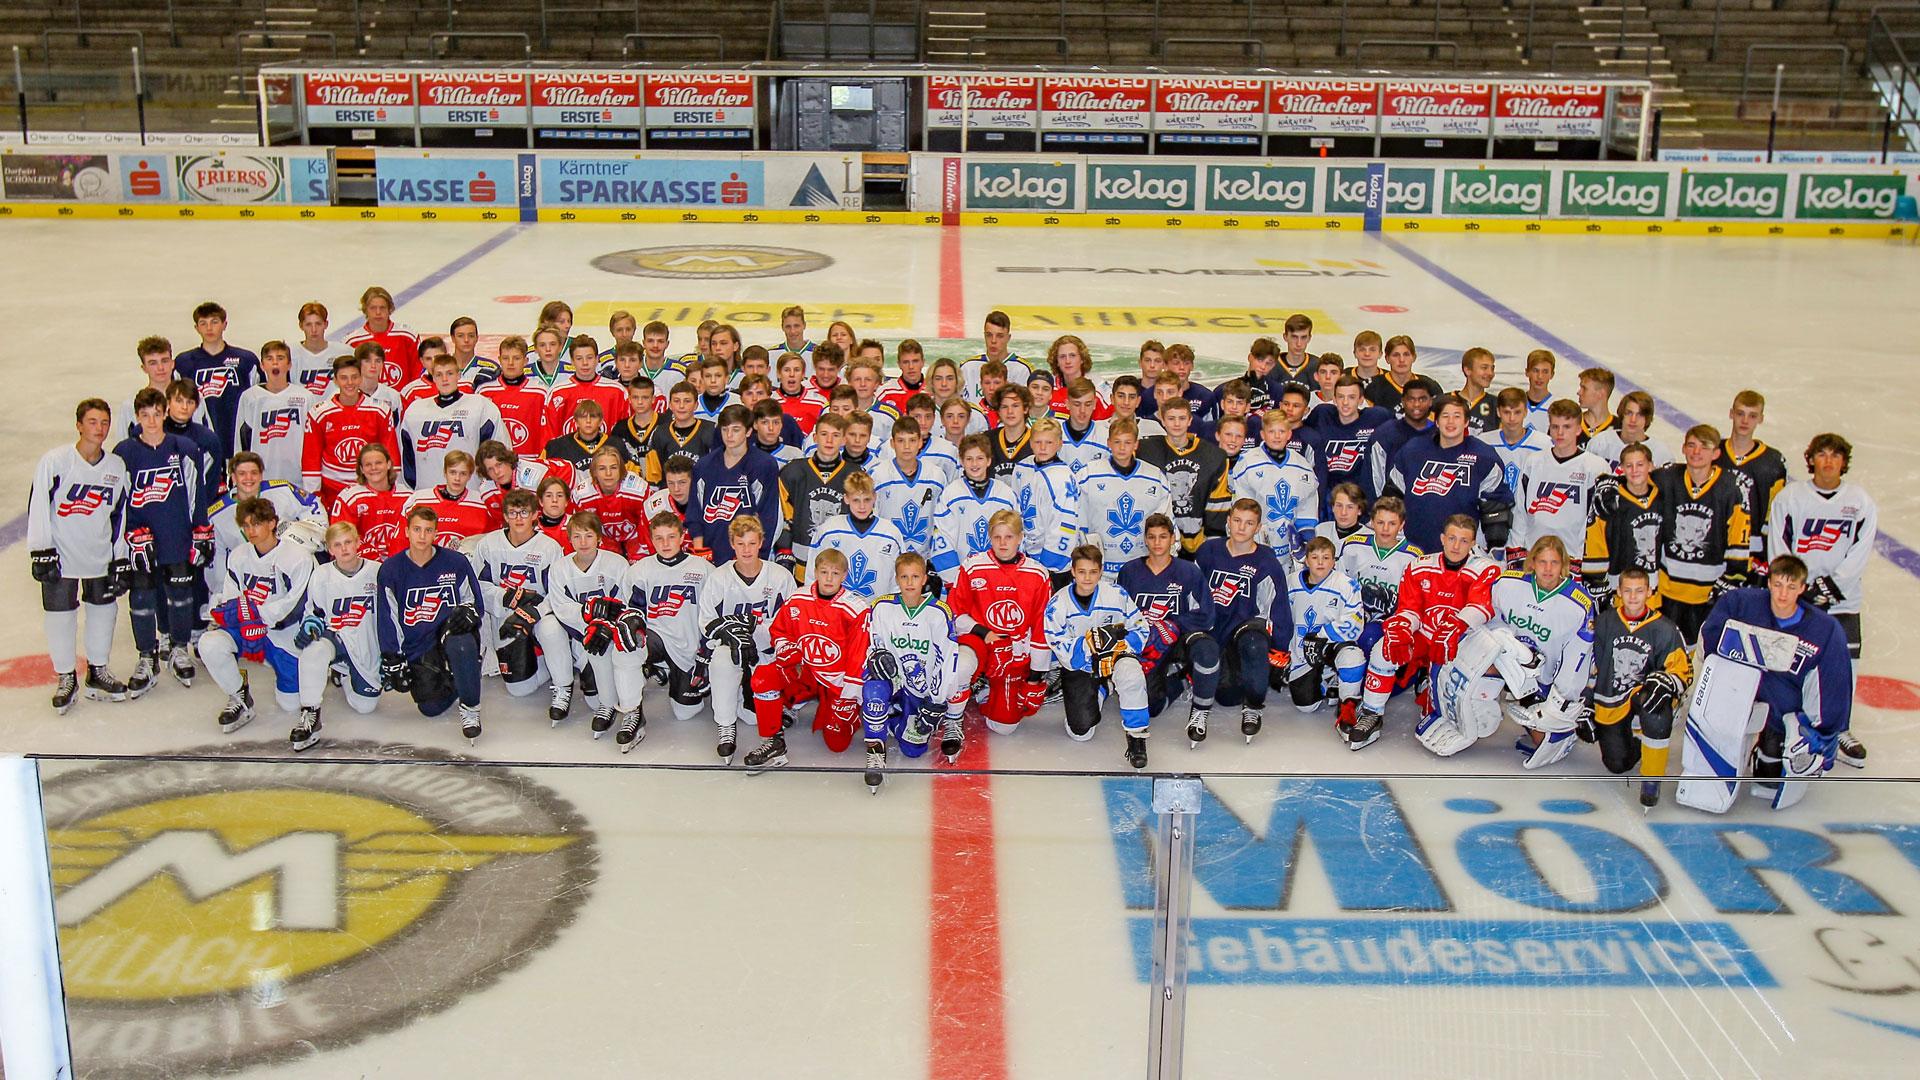 Lions Trophy 2019